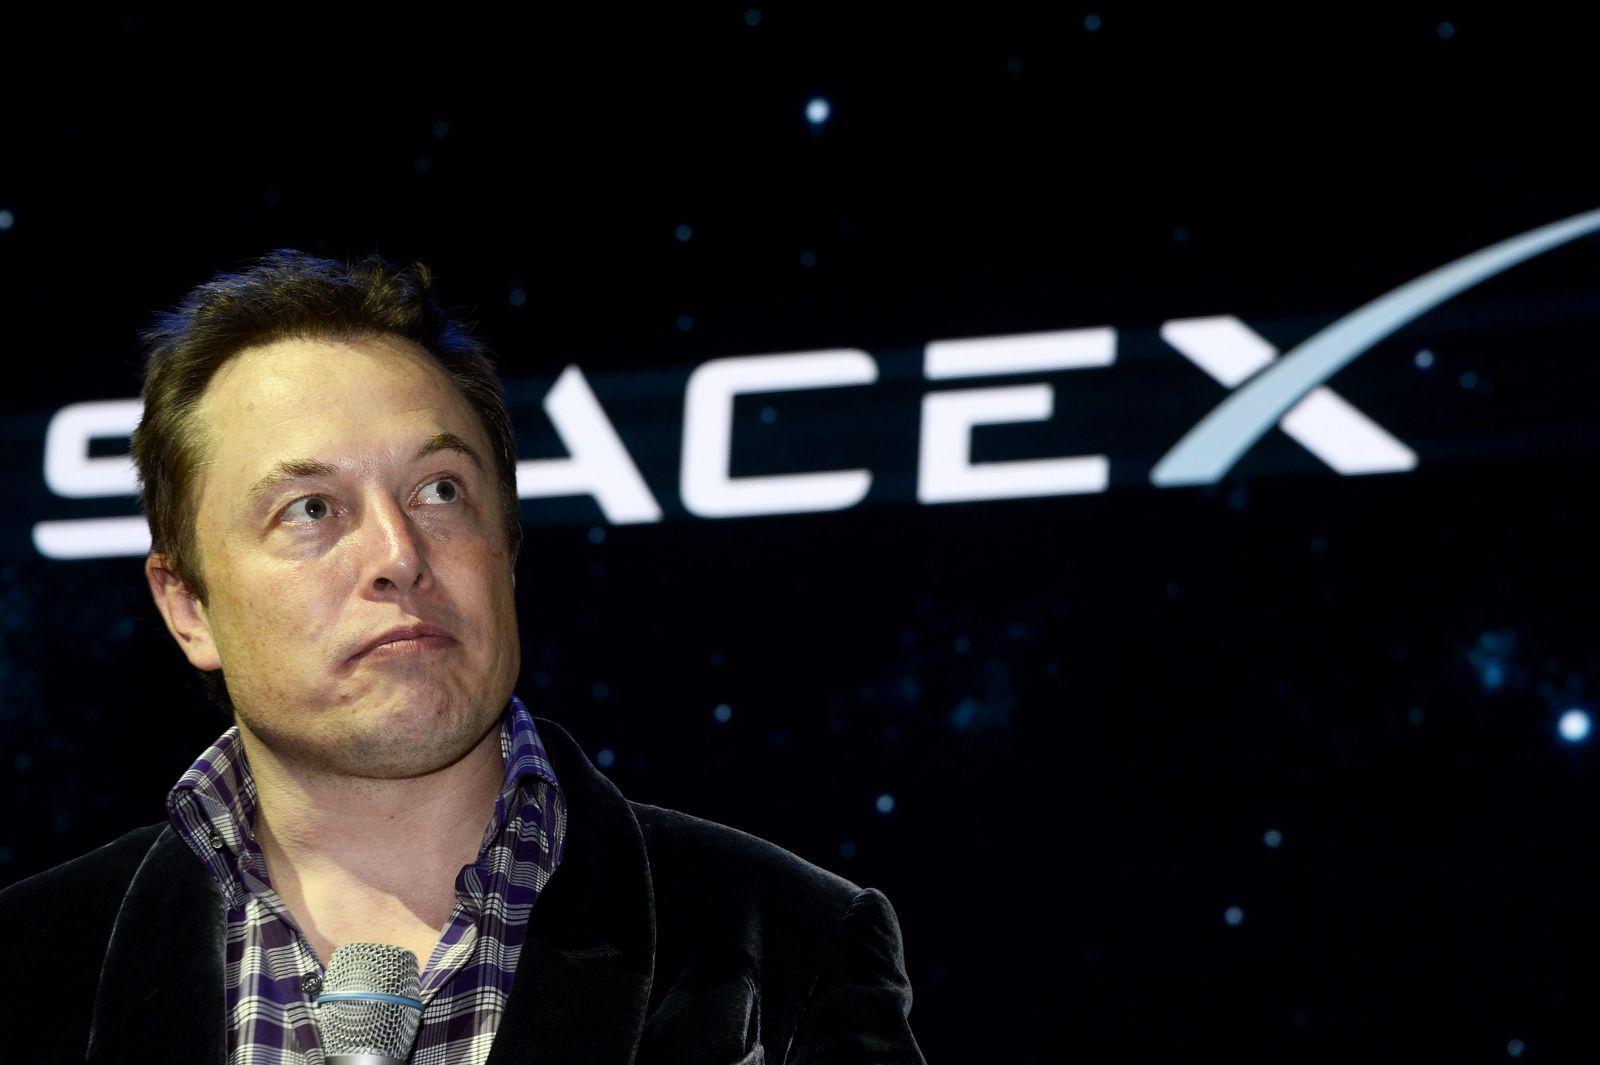 Elon Musk / Verlierer